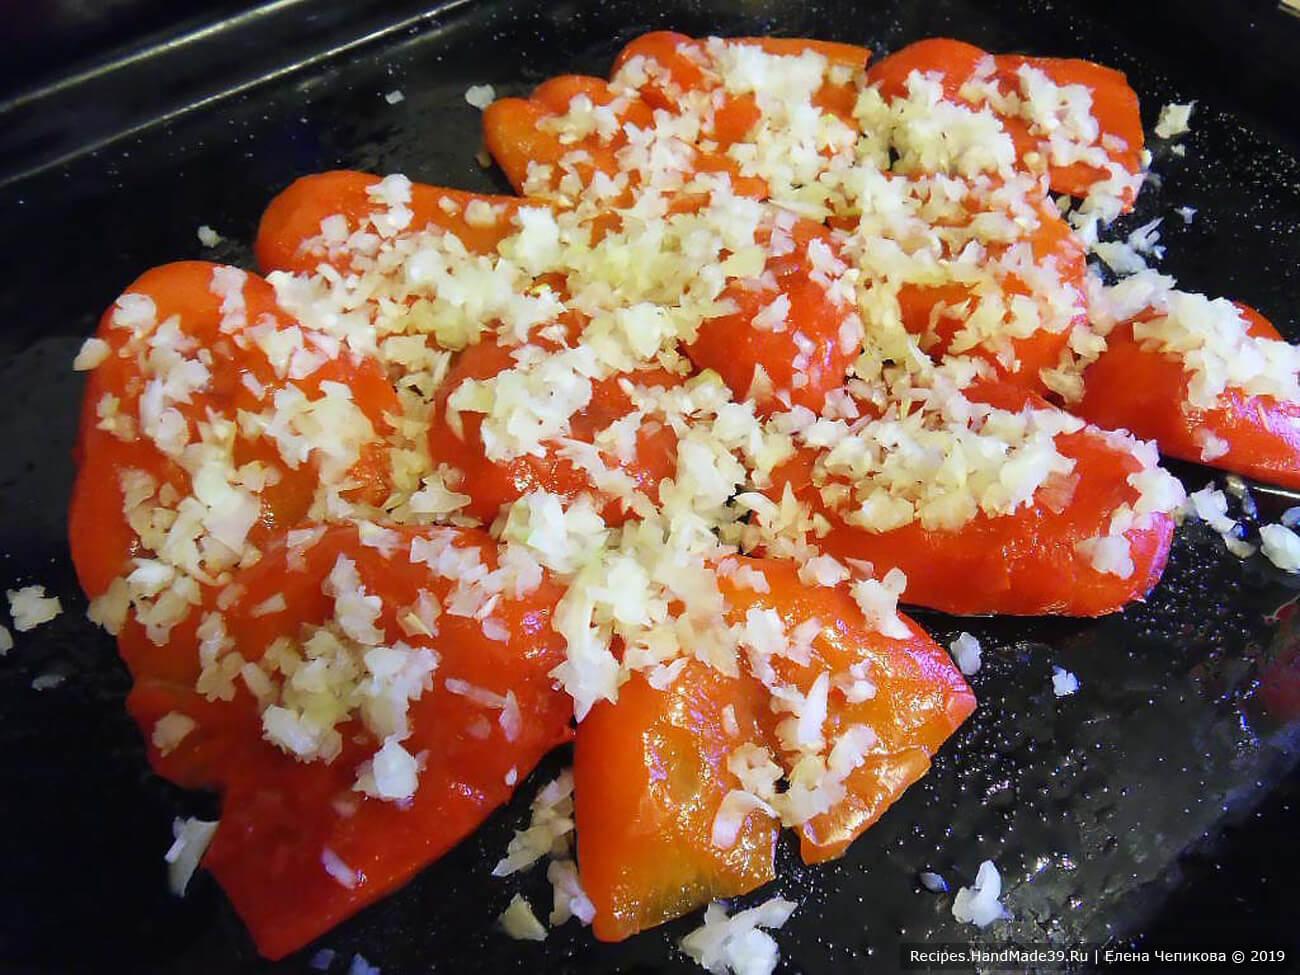 Выложить очищенный перец на смазанный маслом противень. Перец сверху смазать маслом, посолить, поперчить, посыпать измельчённым луком и чесноком. Запекать ещё 10 минут